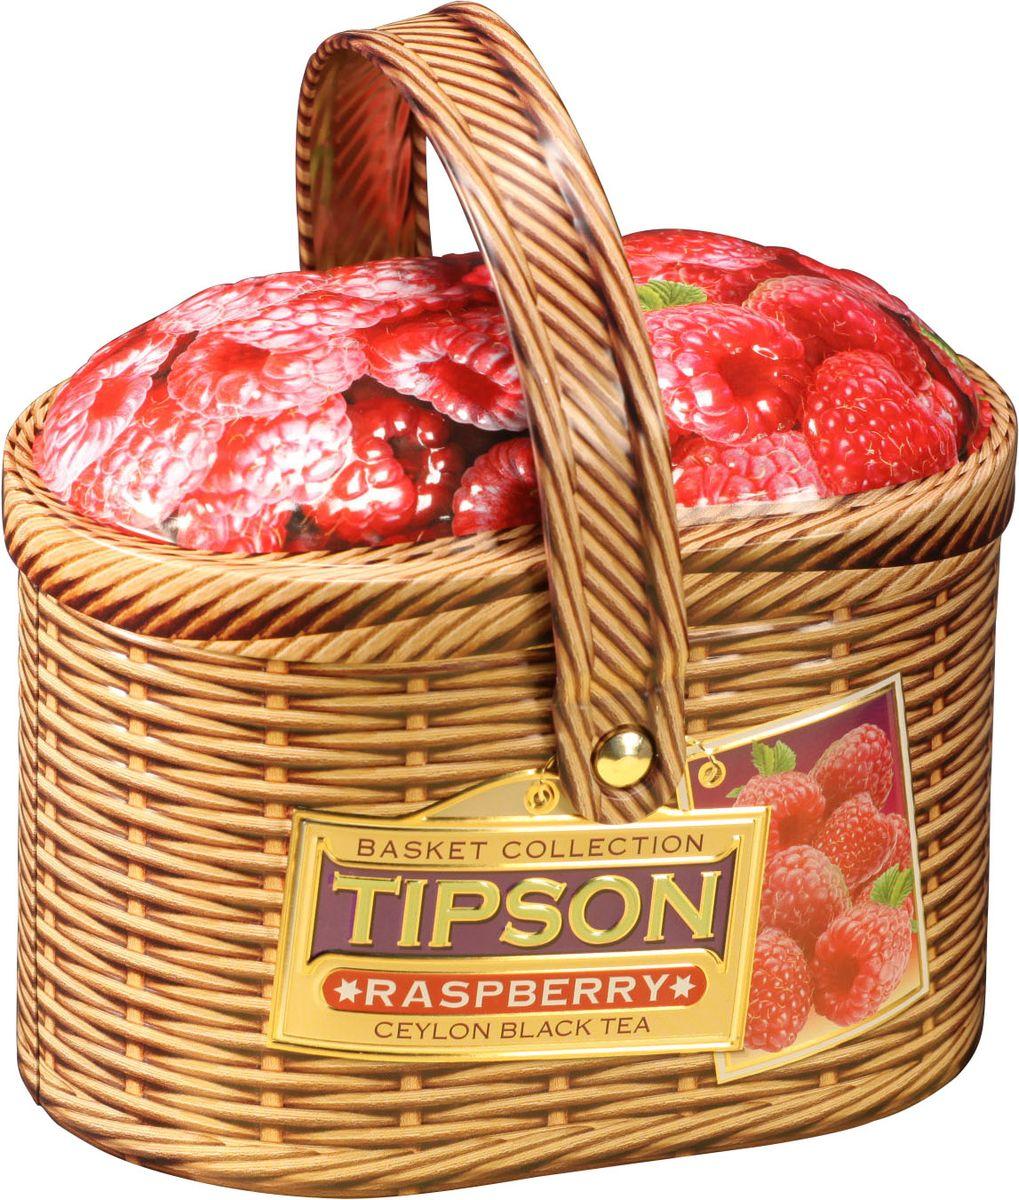 Tipson Basket-Raspberry чай черный листовой с кусочками папайи и малины, 80 г а а кузнецов пределы автономии воли в корпоративном праве краткий очерк